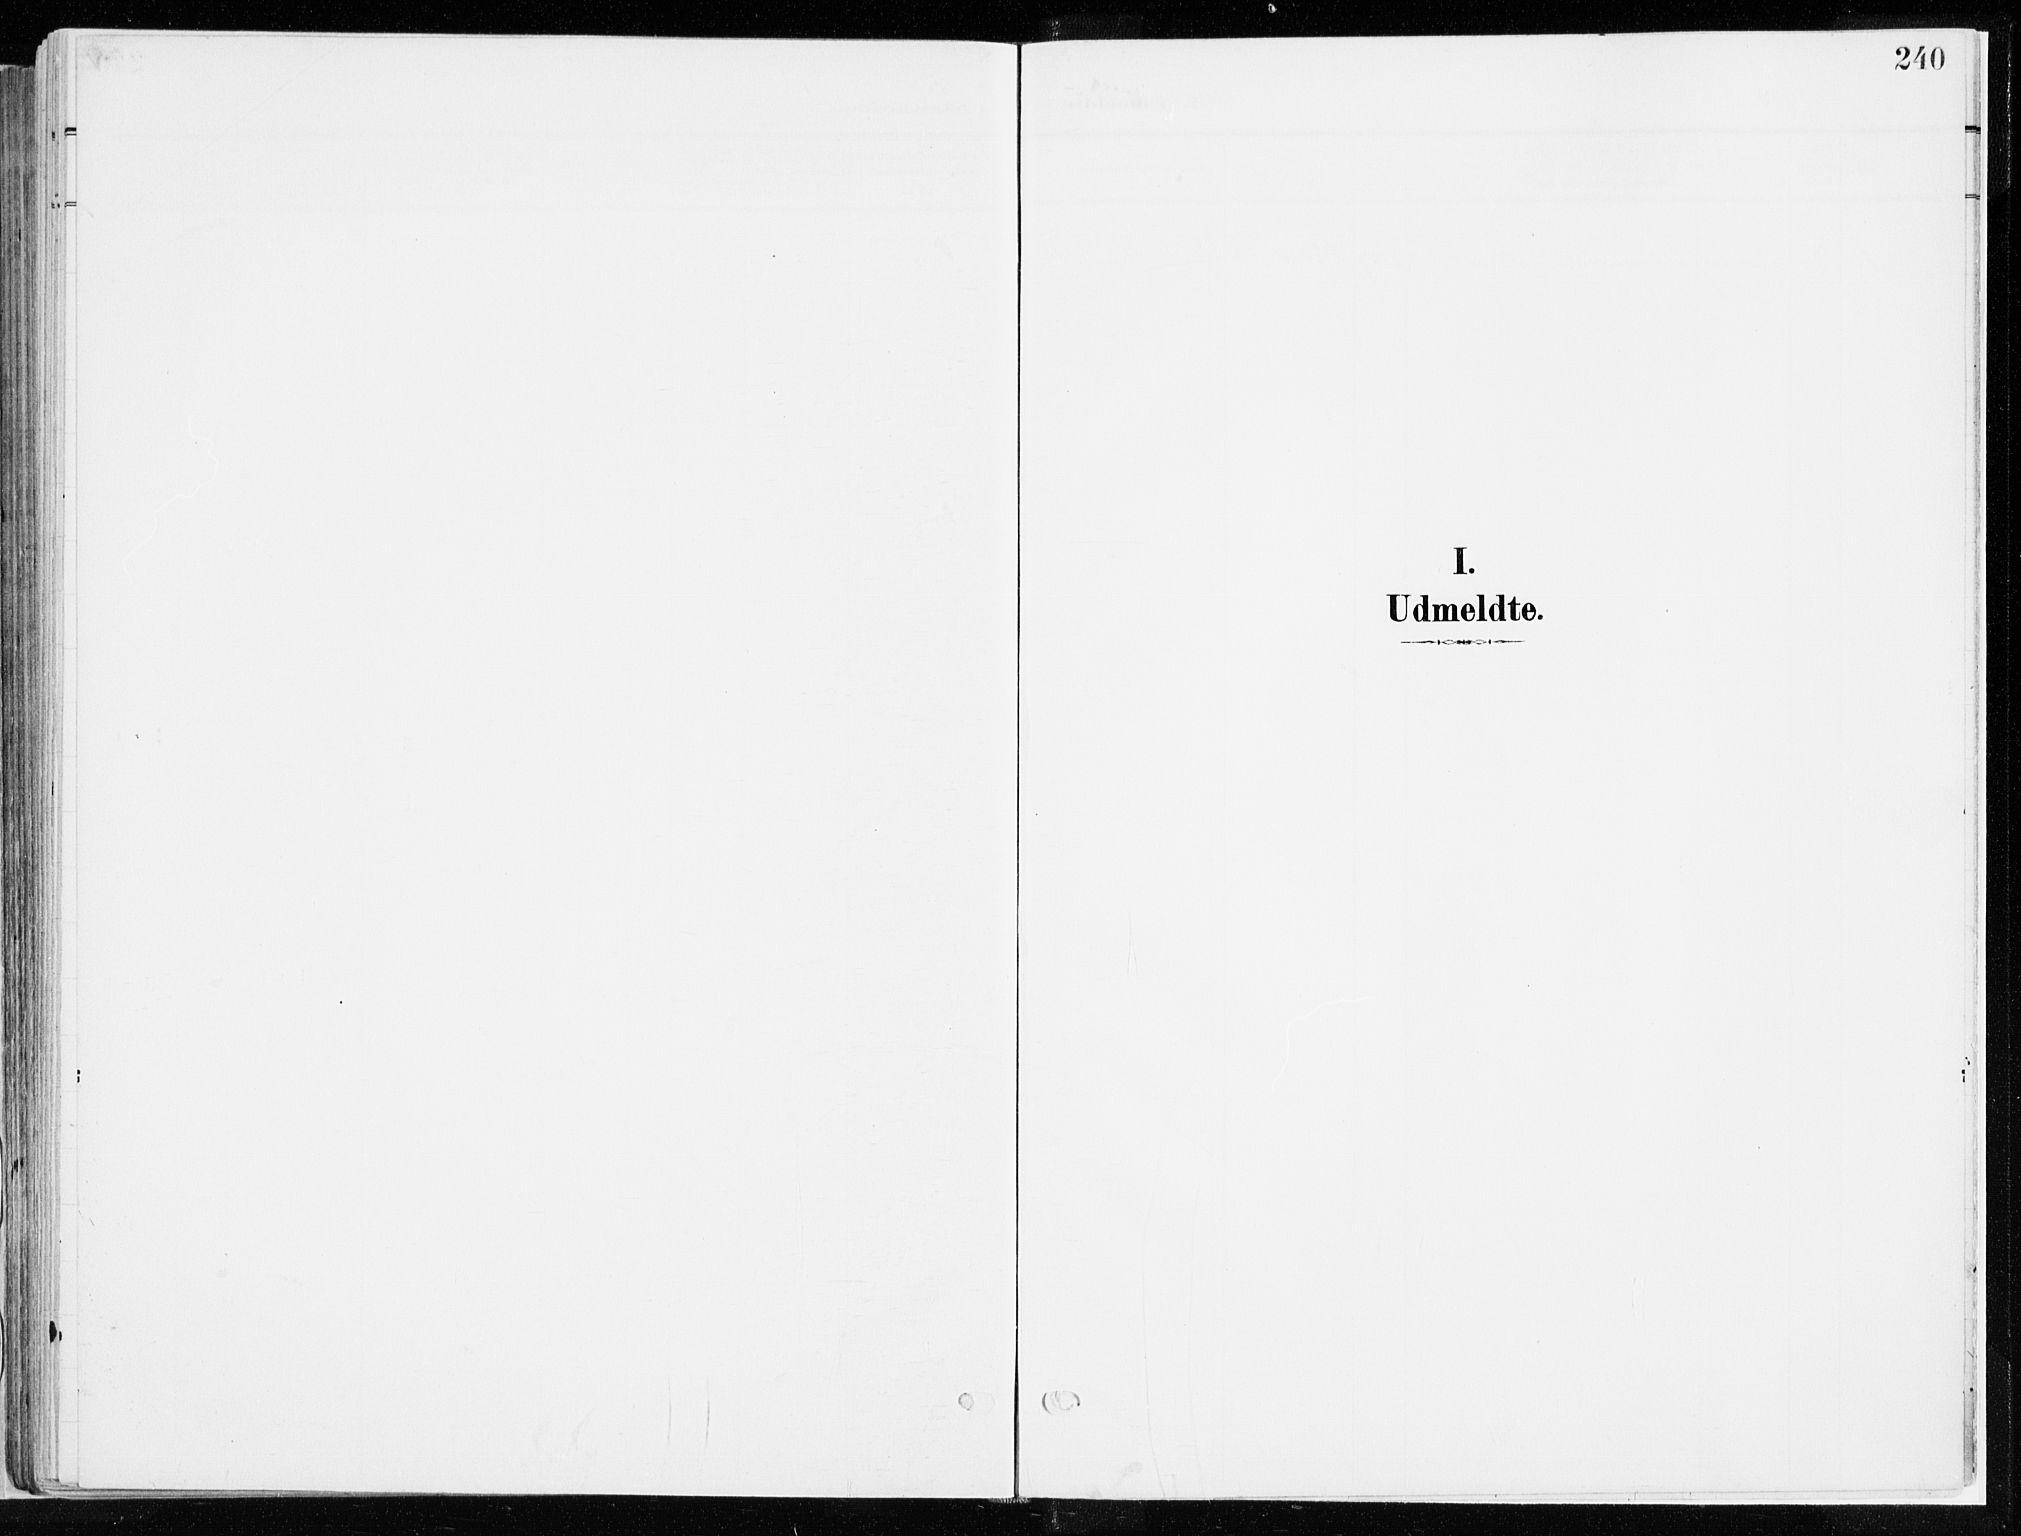 SAH, Ringsaker prestekontor, K/Ka/L0019: Ministerialbok nr. 19, 1905-1920, s. 240